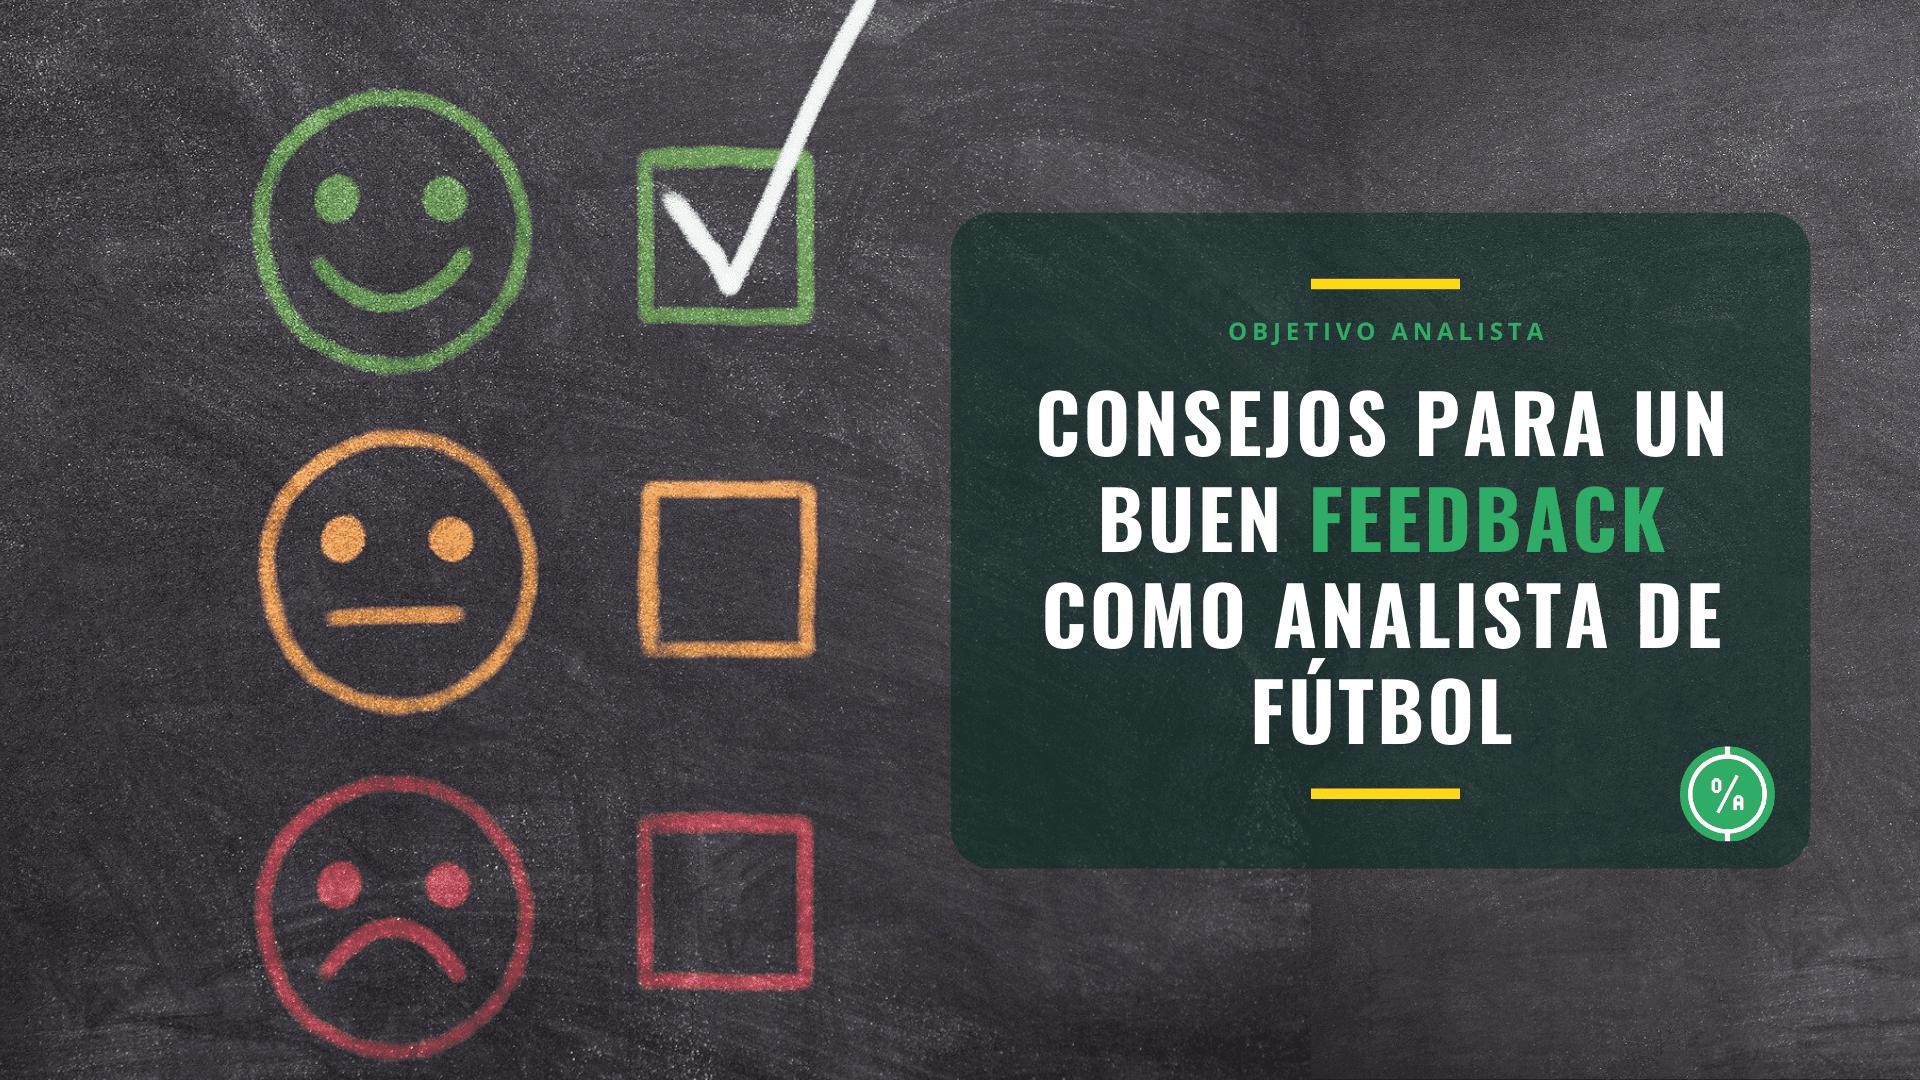 Consejos para un buen feedback como analista de fútbol